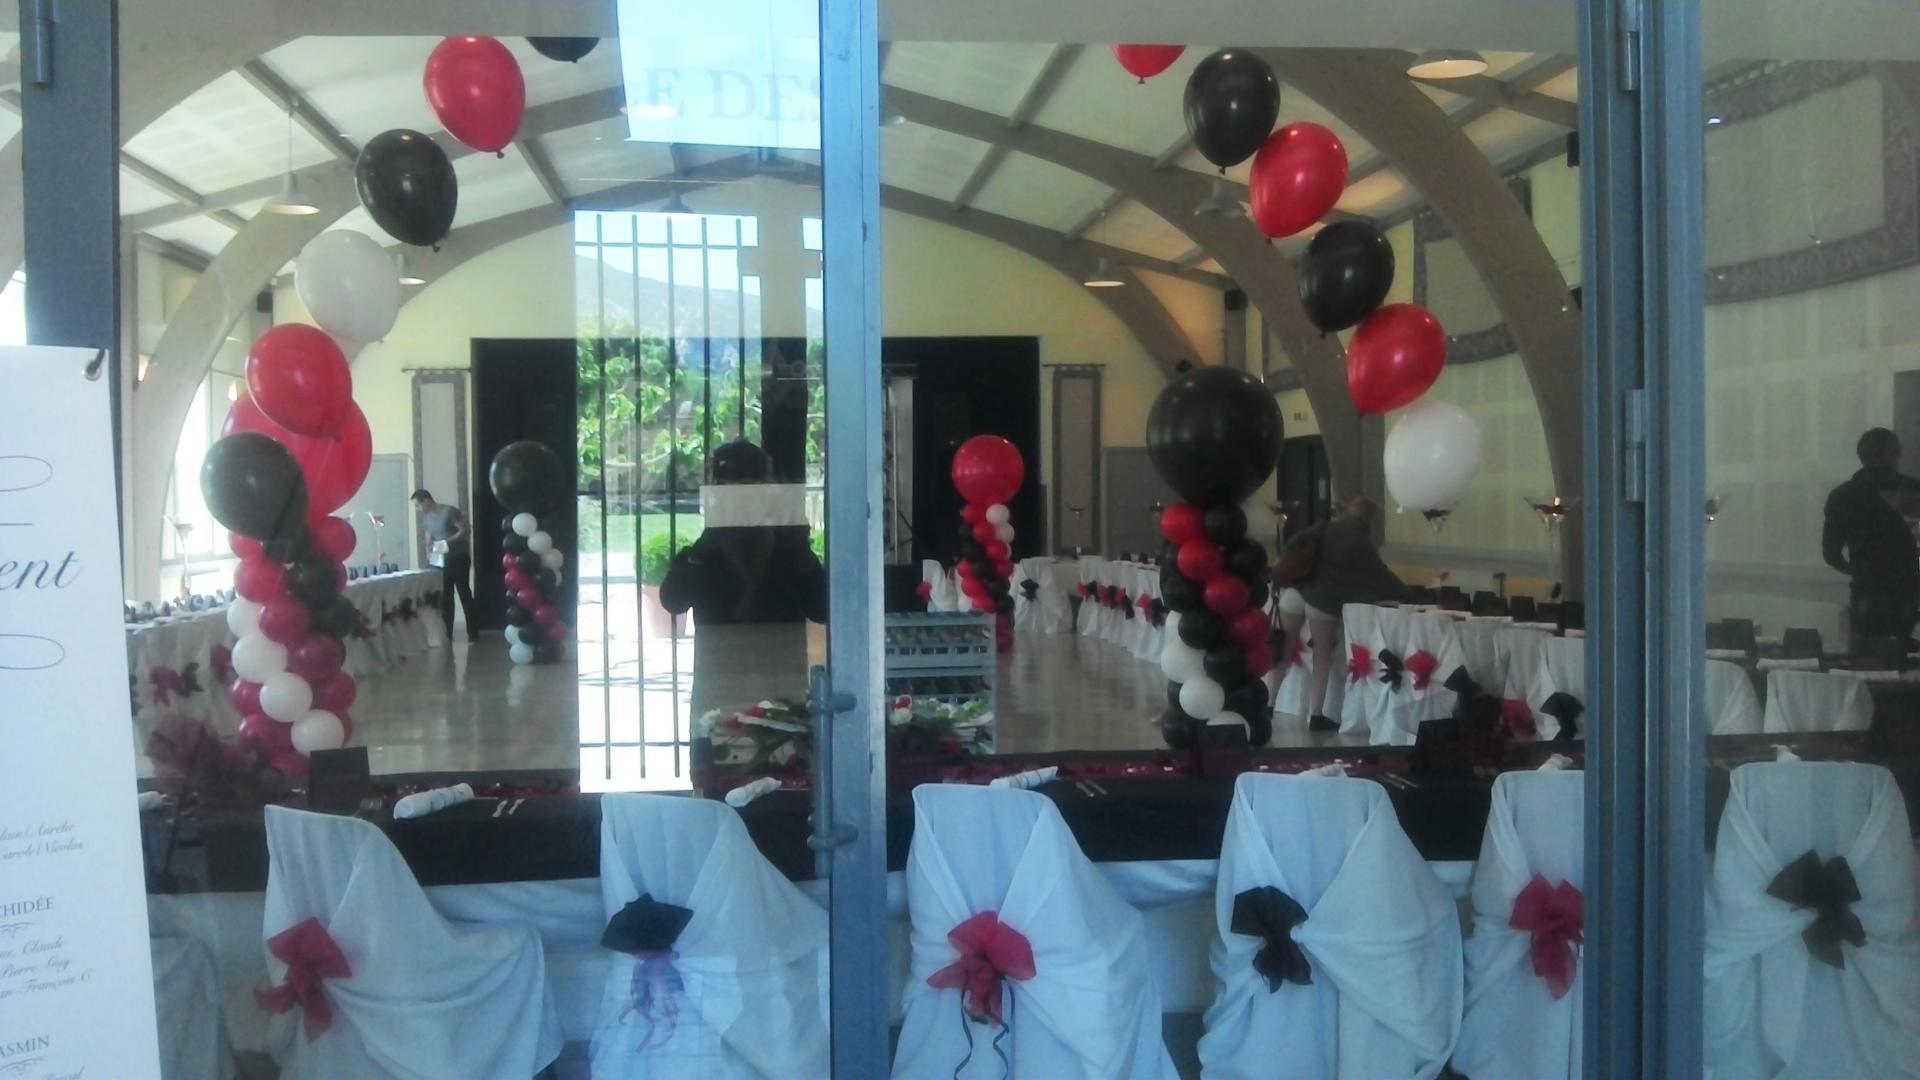 D coration ballons pour mariage prestation d cor en ballon - Decoration ballon mariage ...